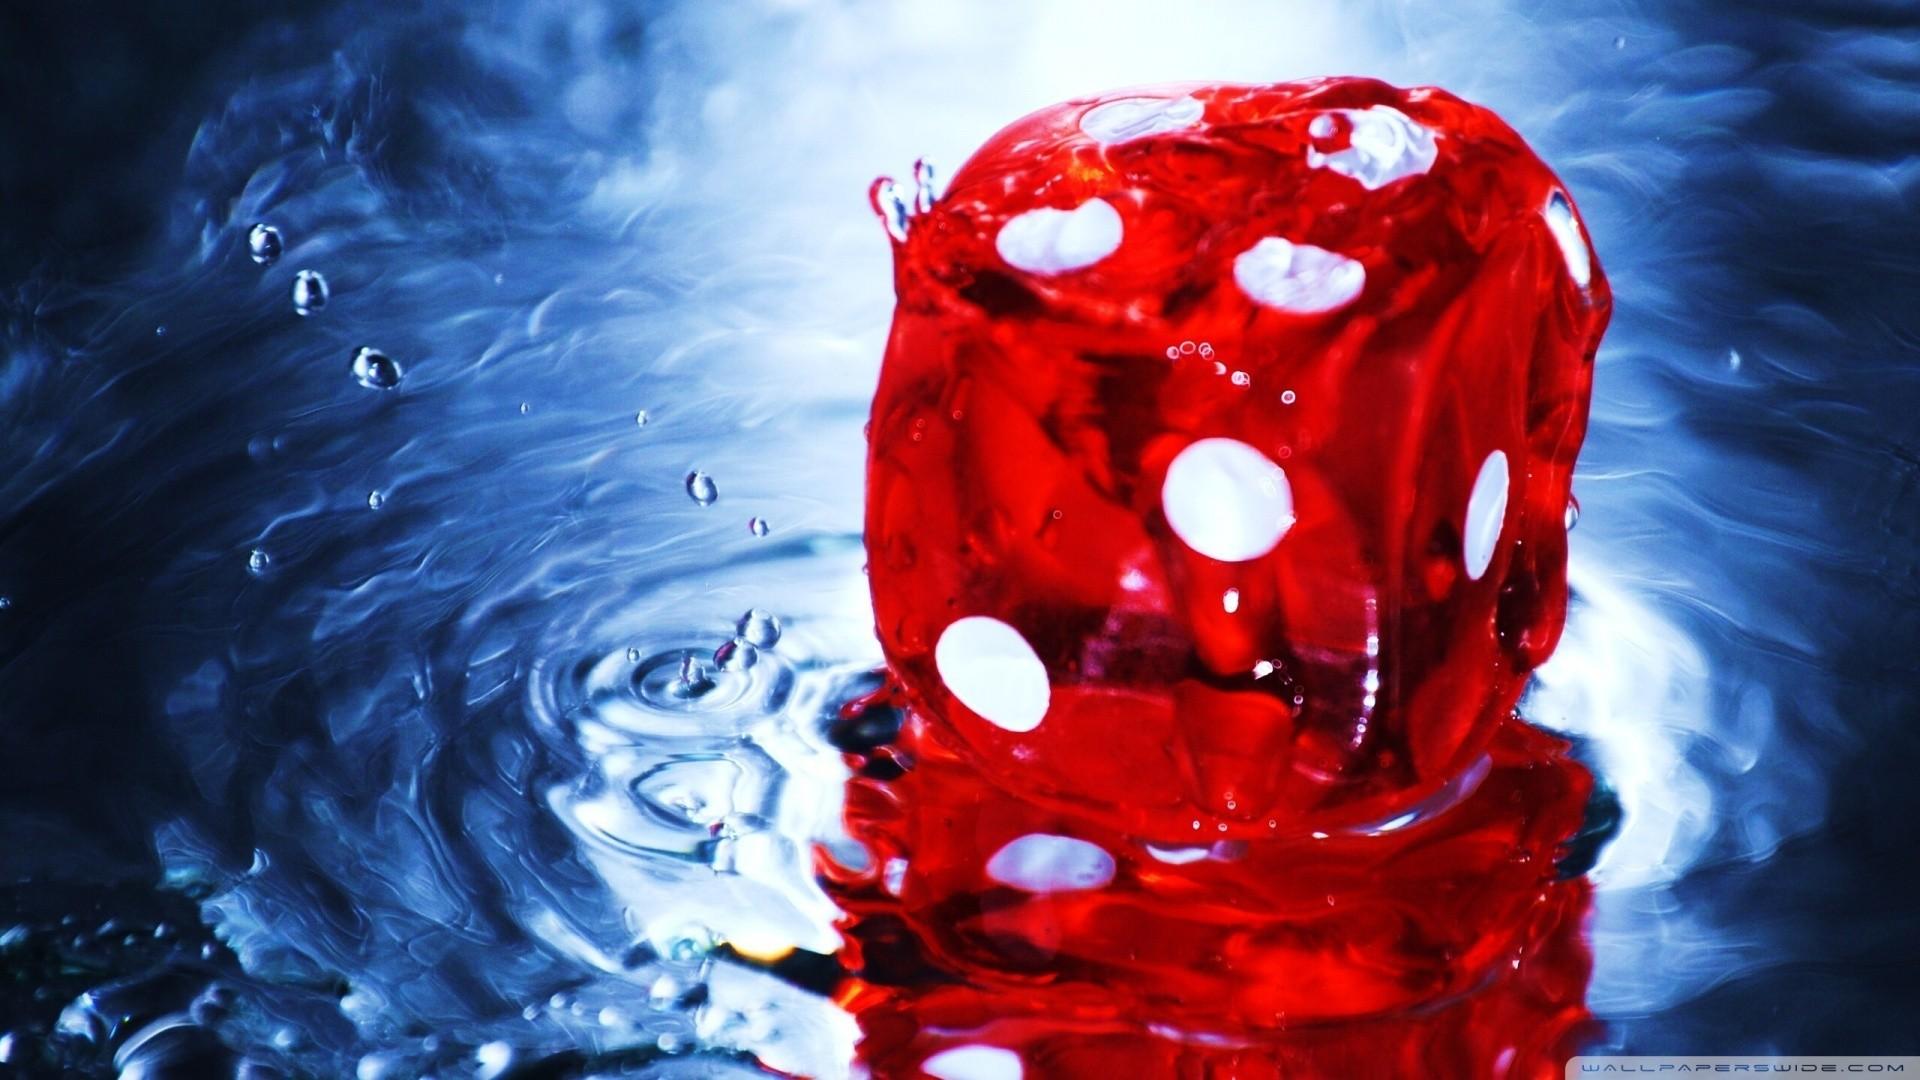 rpg dice wallpaper 3d dice wallpaper flaming dice wallpaper blue dice .